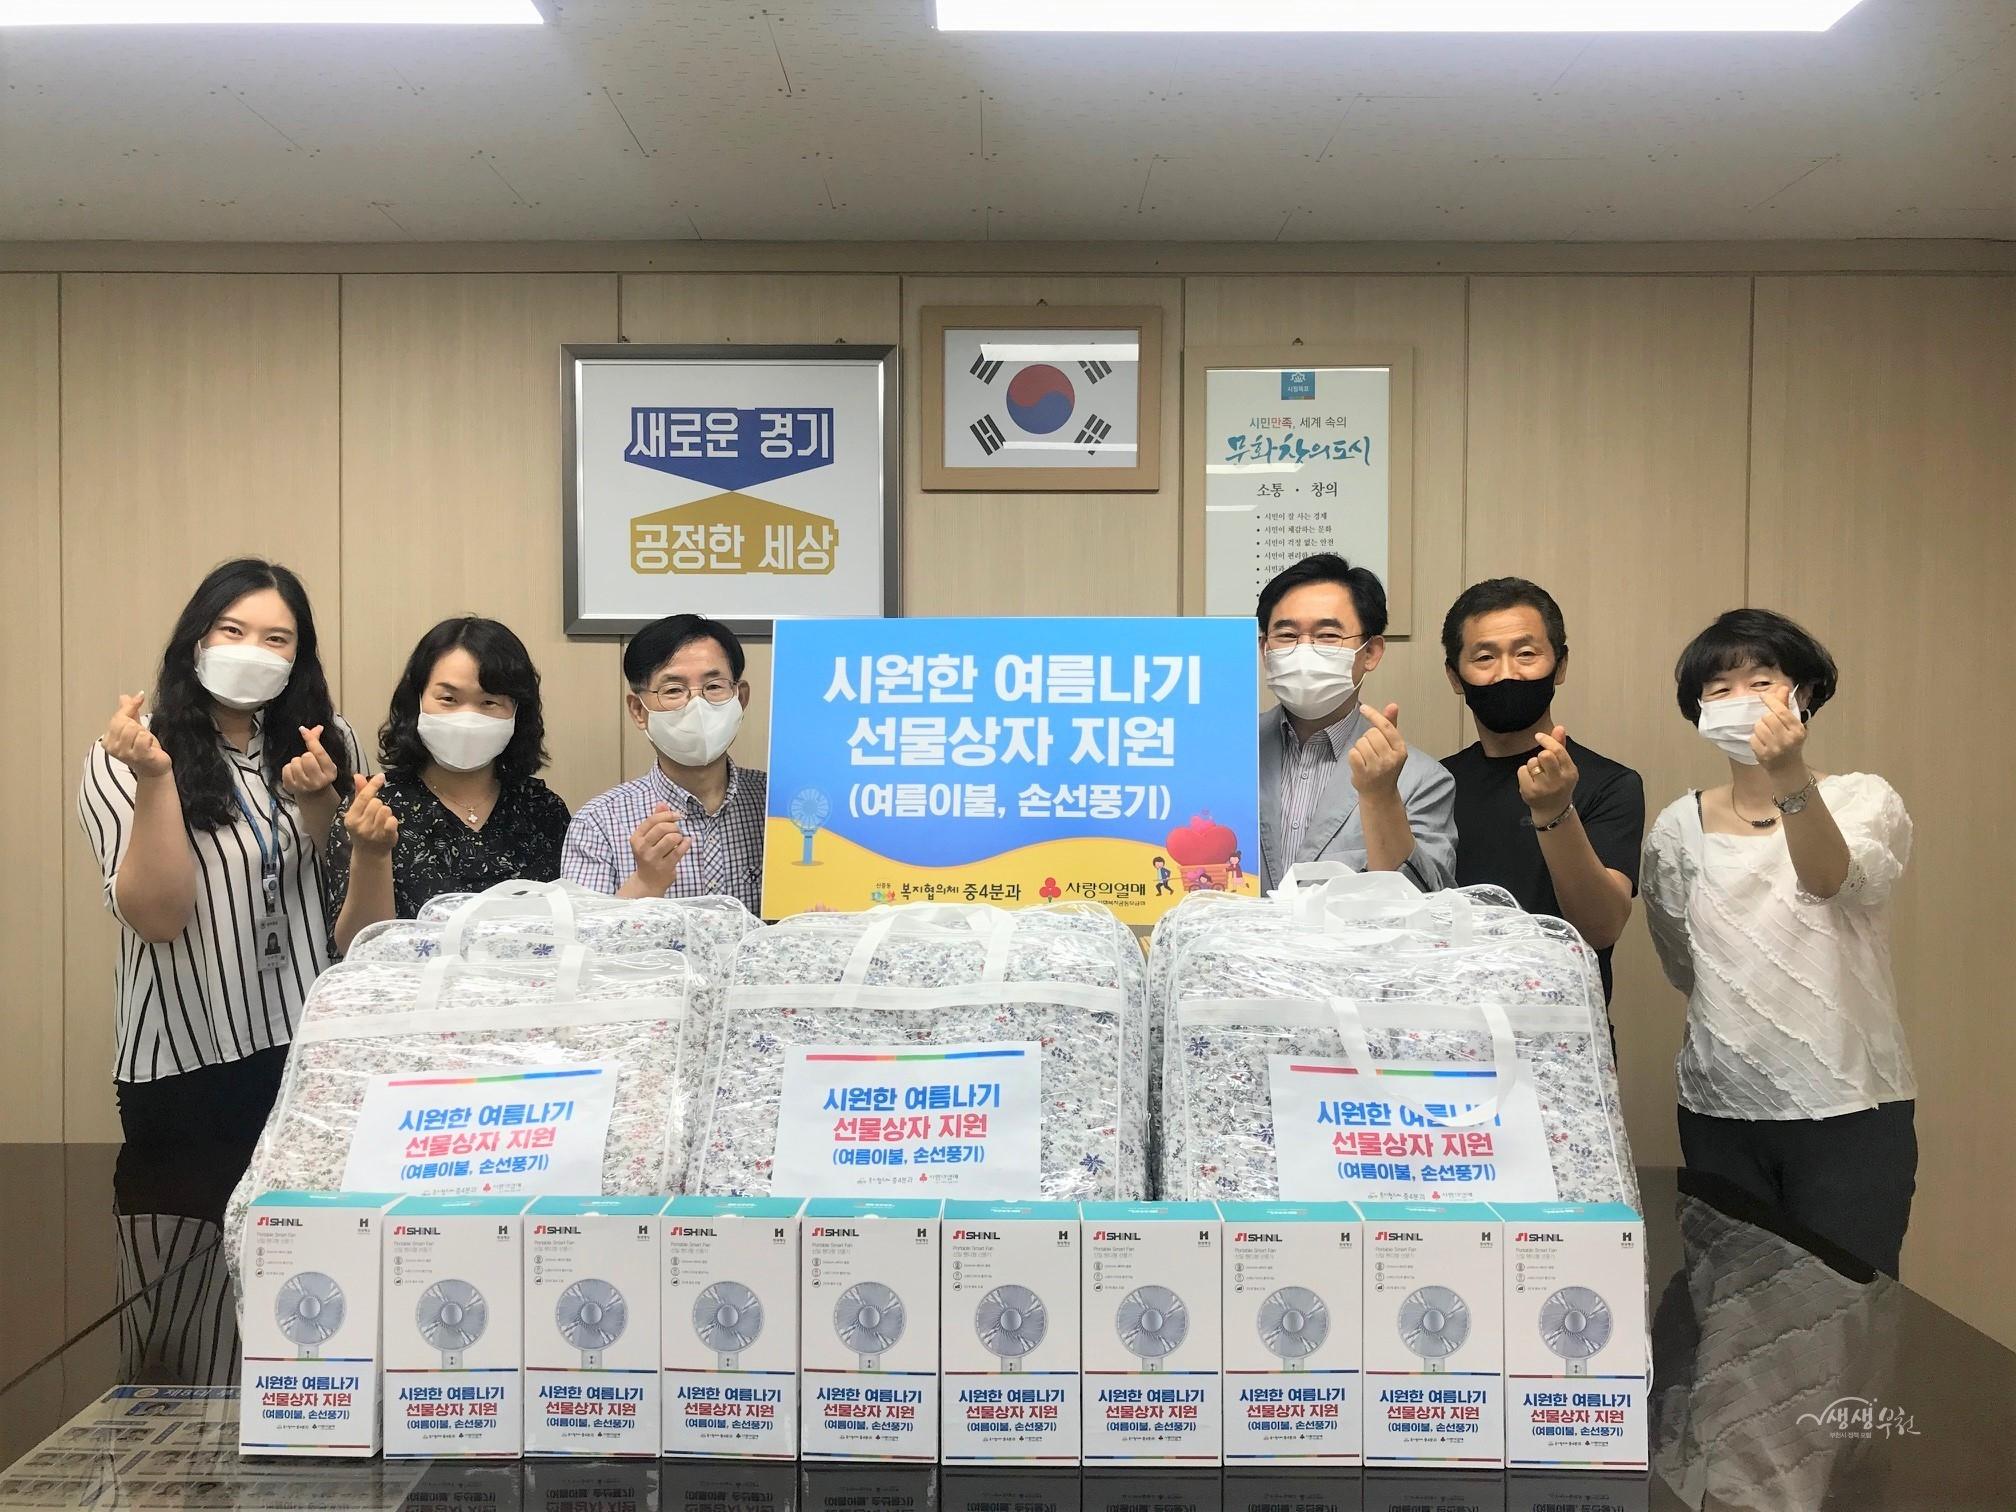 ▲ 신중동복지협의체 중4분과에서 '시원한 여름나기 선물상자'를 선물하였다.